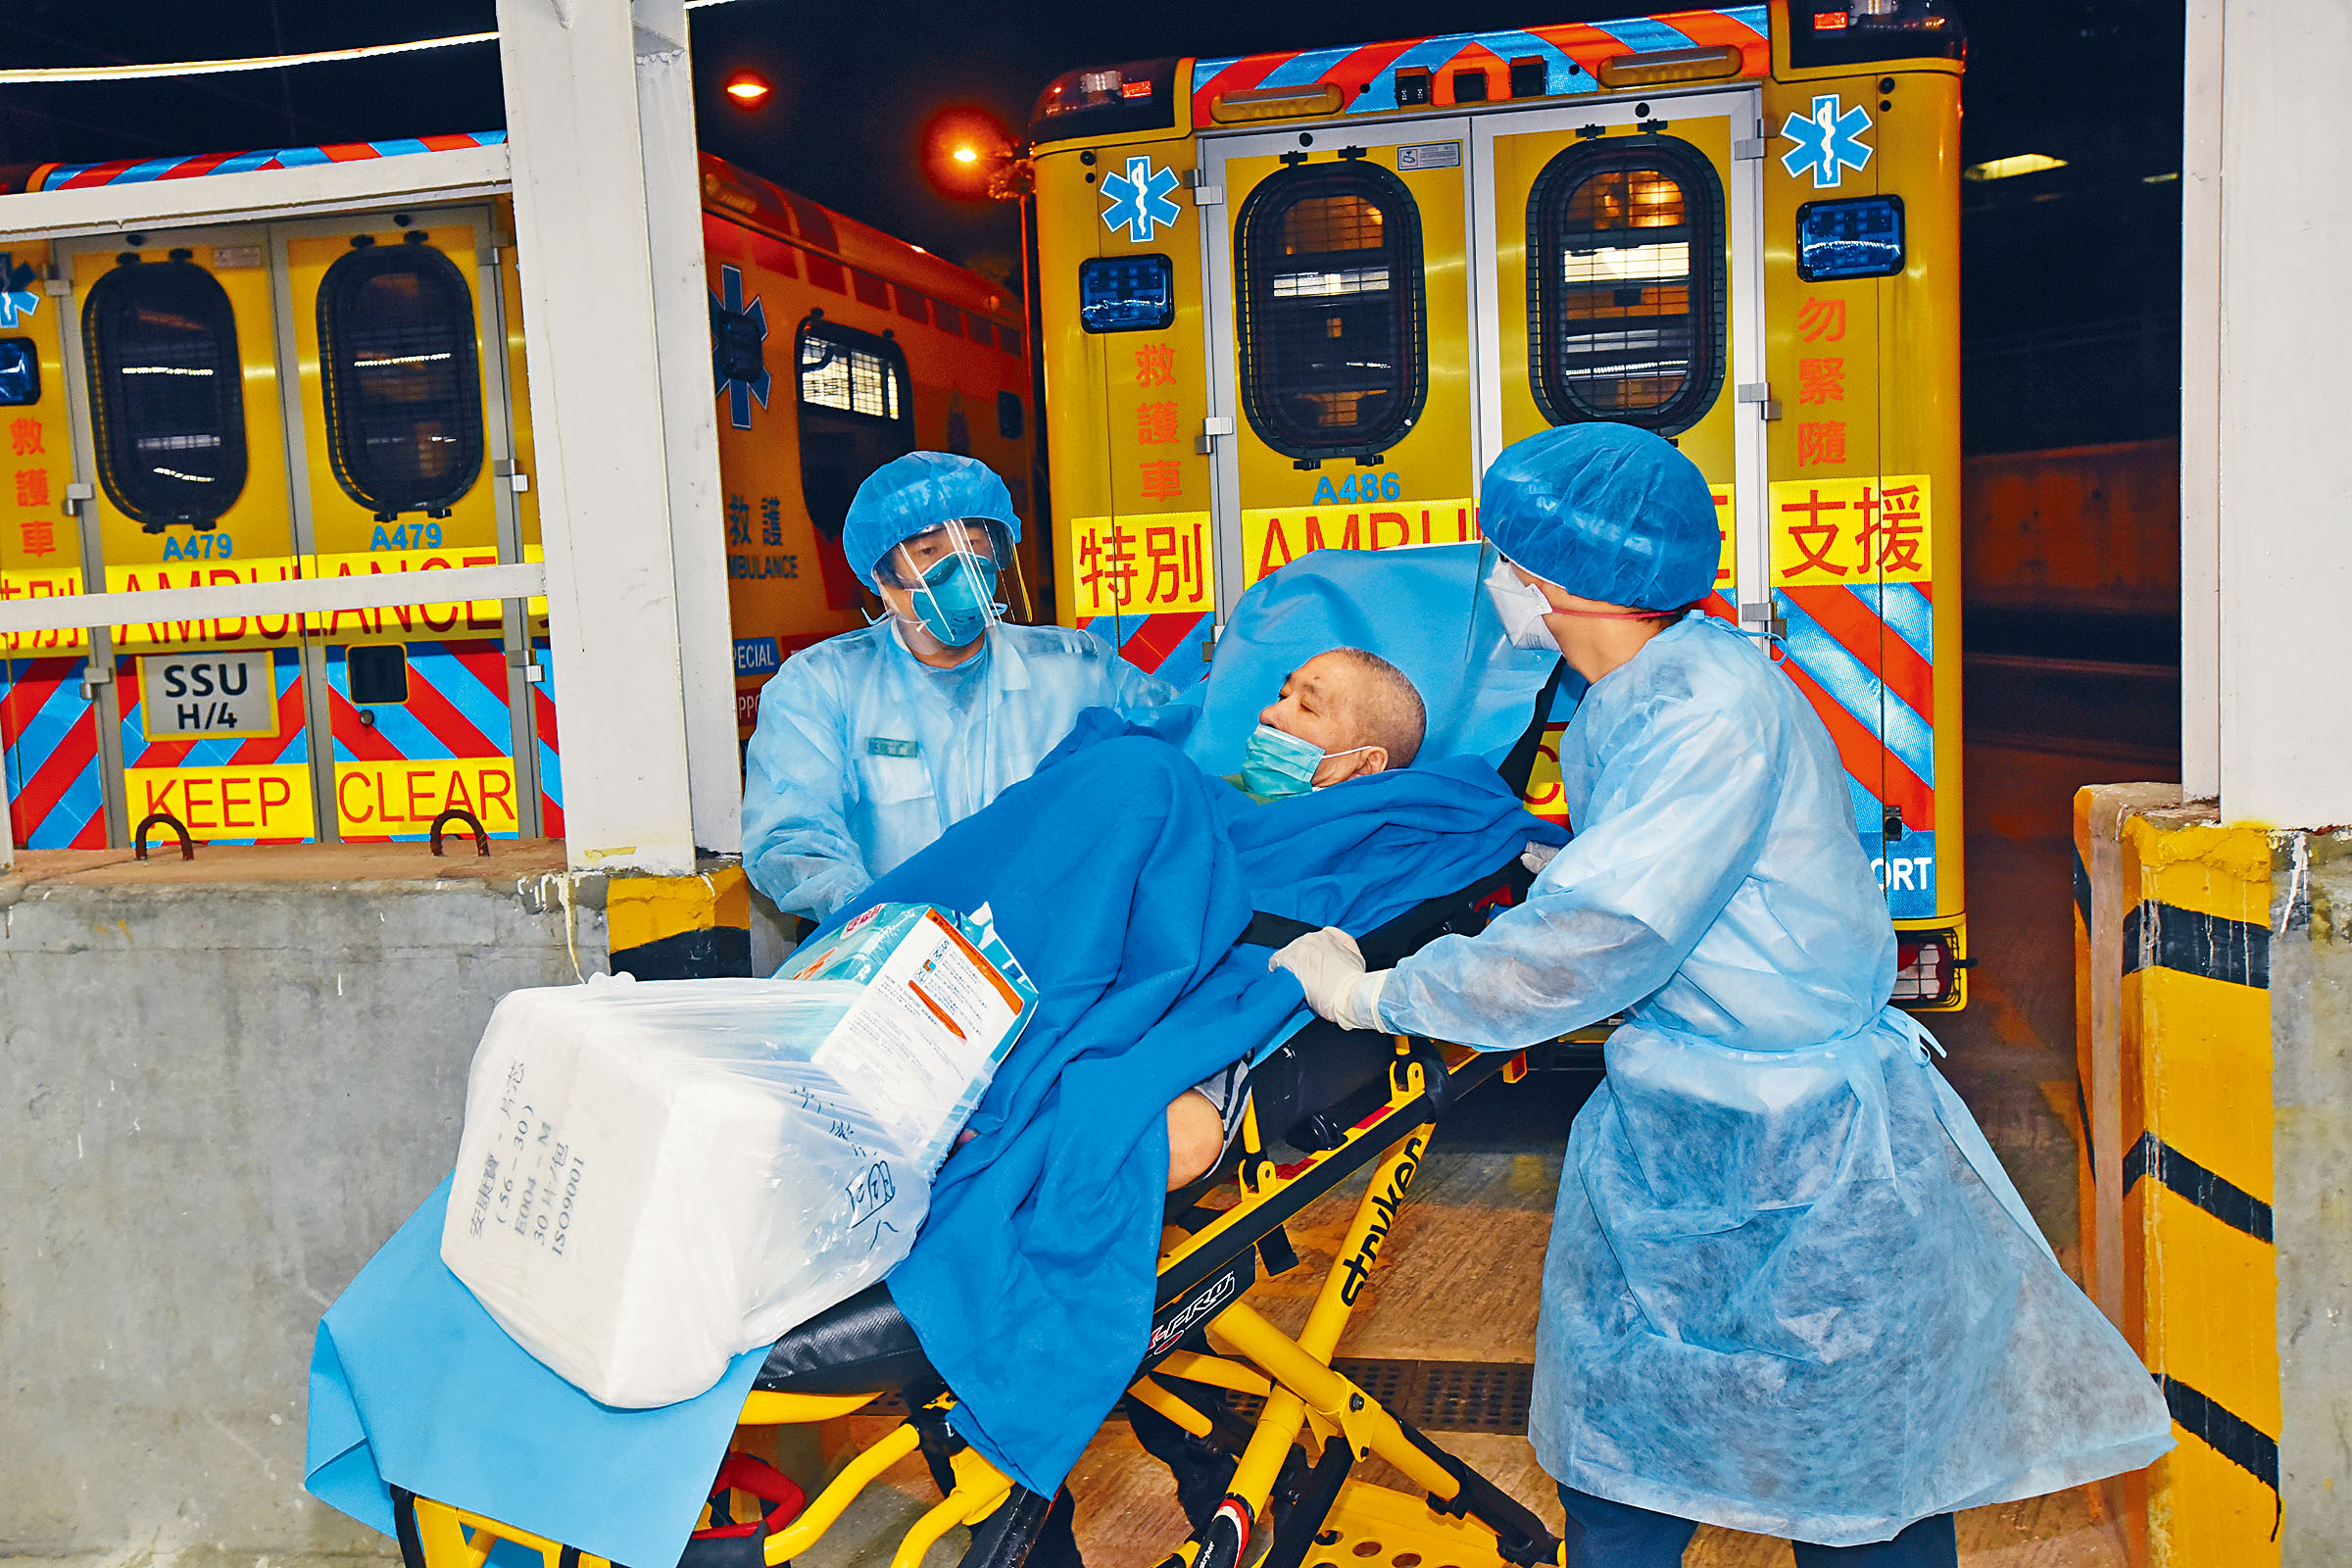 9日夜有份接收港泰護老中心長者的薄扶林傷健營,有多名人士懷疑不適送院。本報記者尹敬堂攝